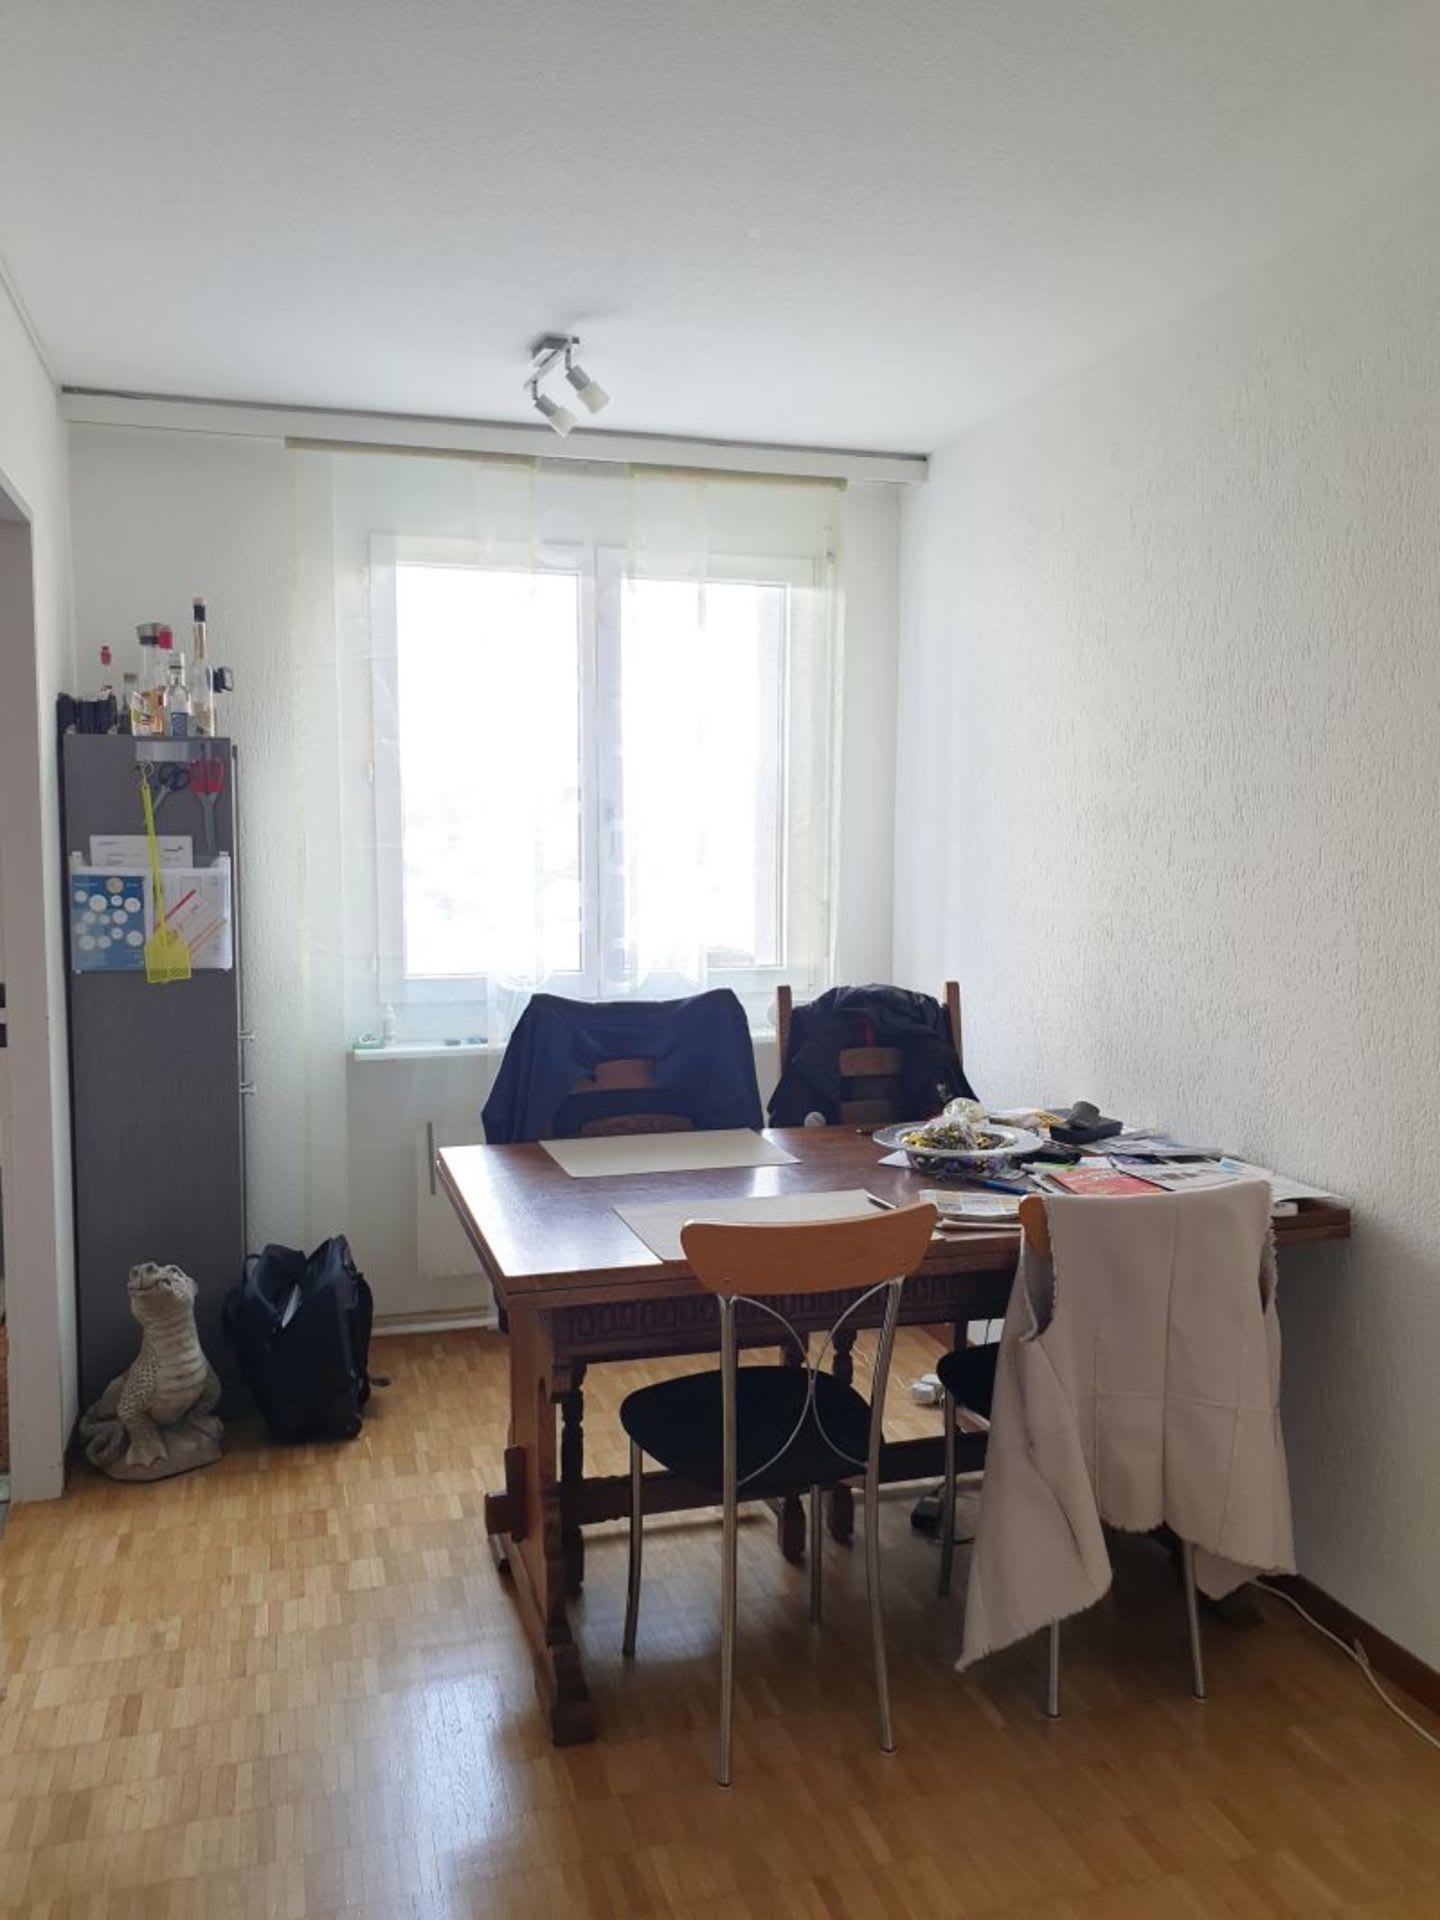 Säntisblickstrasse 11